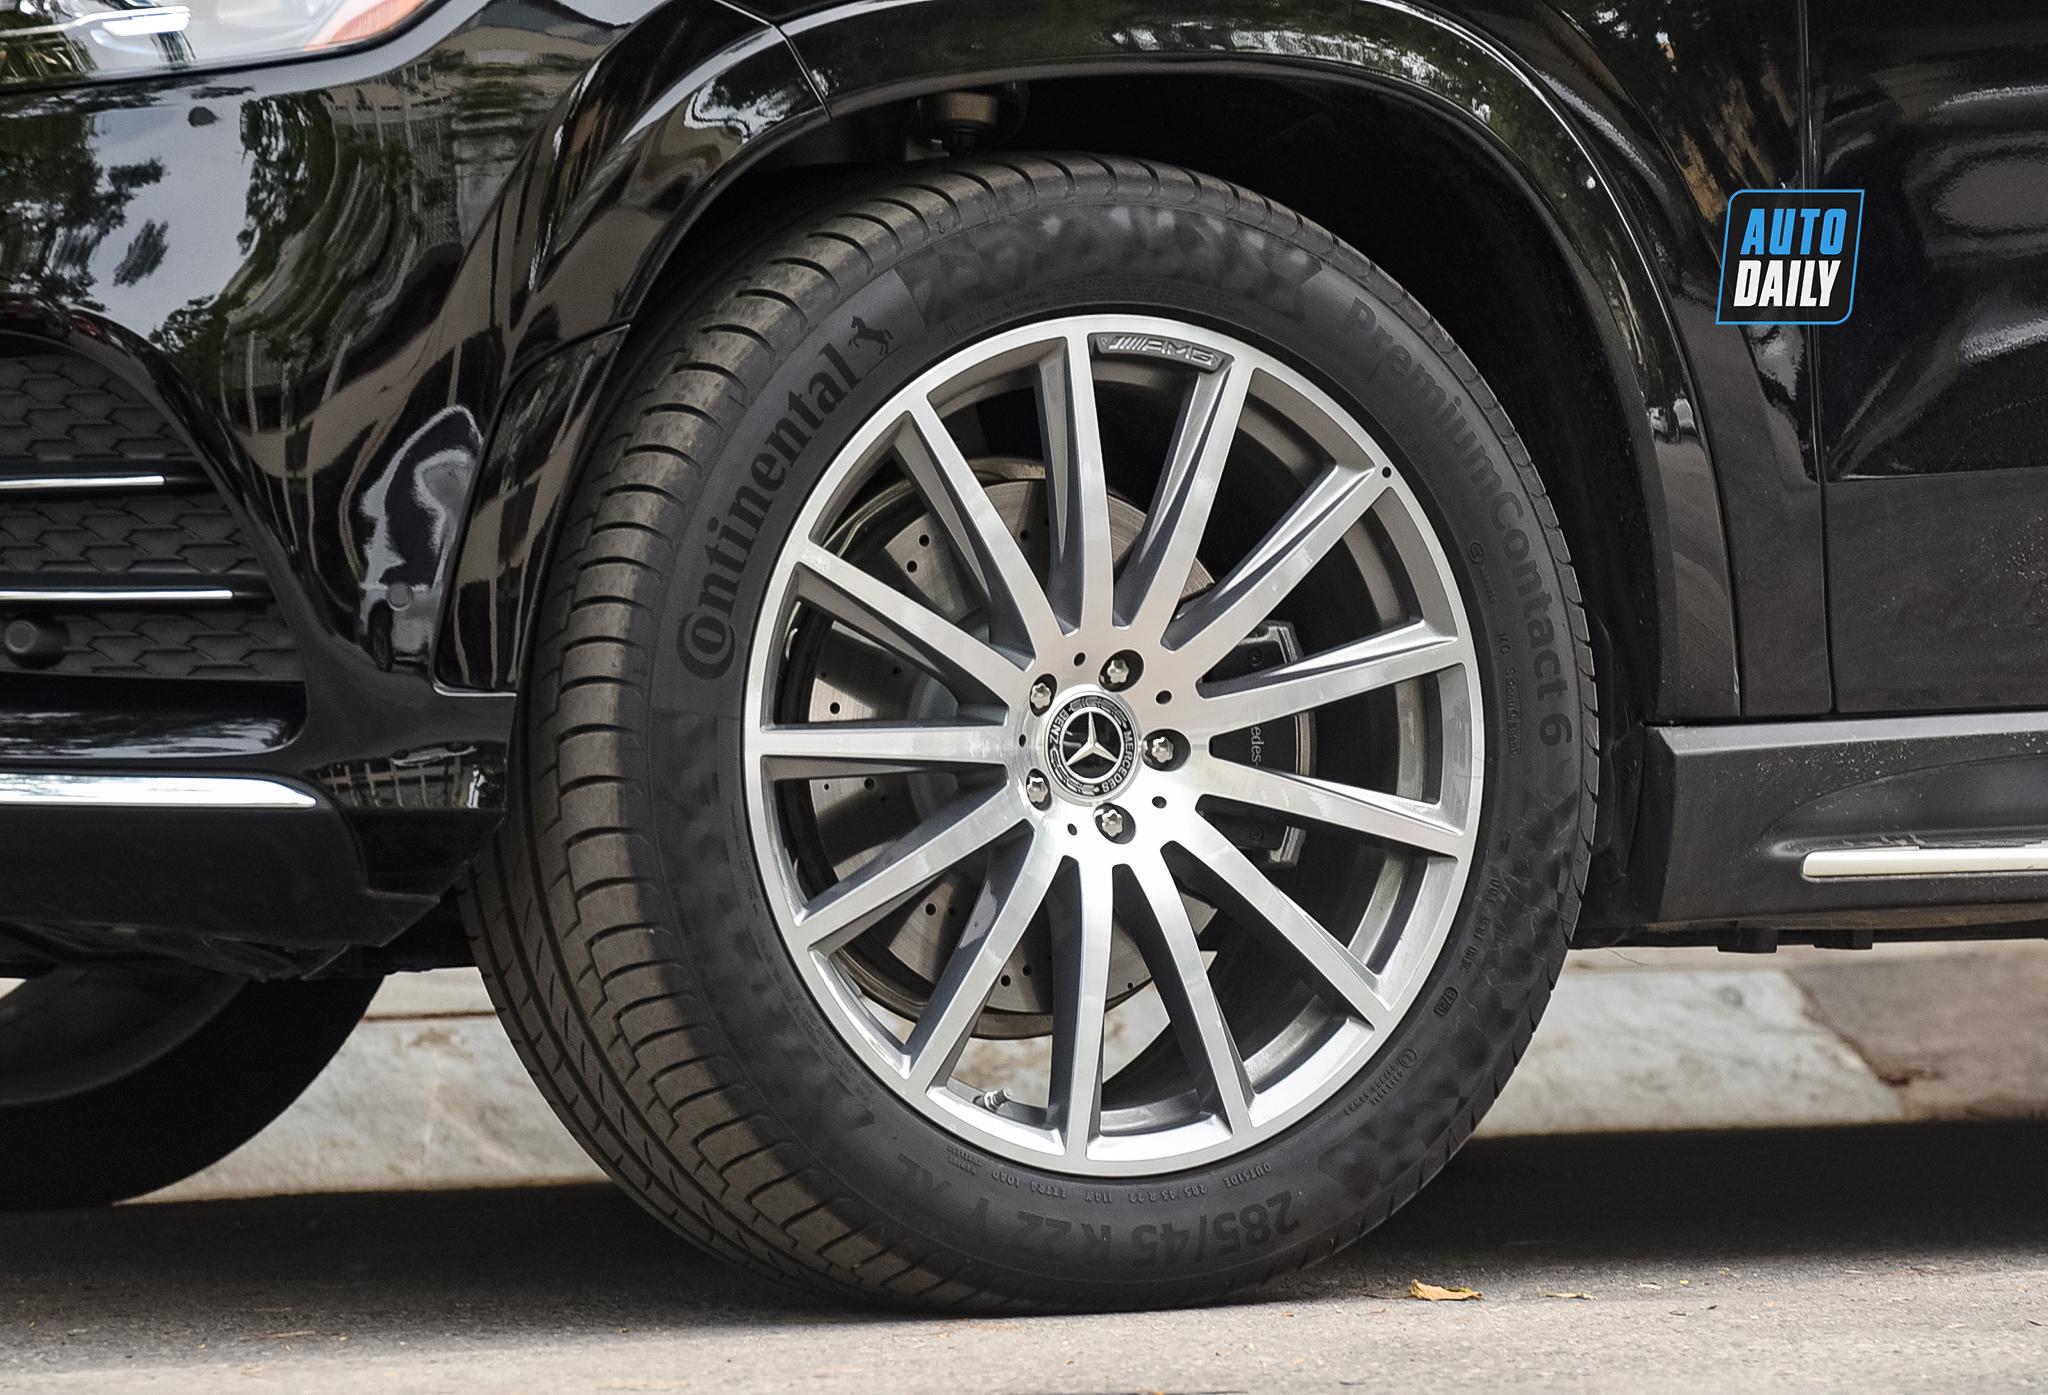 Hàng hiếm Mercedes-Benz GLS 580 4Matic 2021 giá hơn 9 tỷ tại Hà Nội adt-2600-copy.jpg